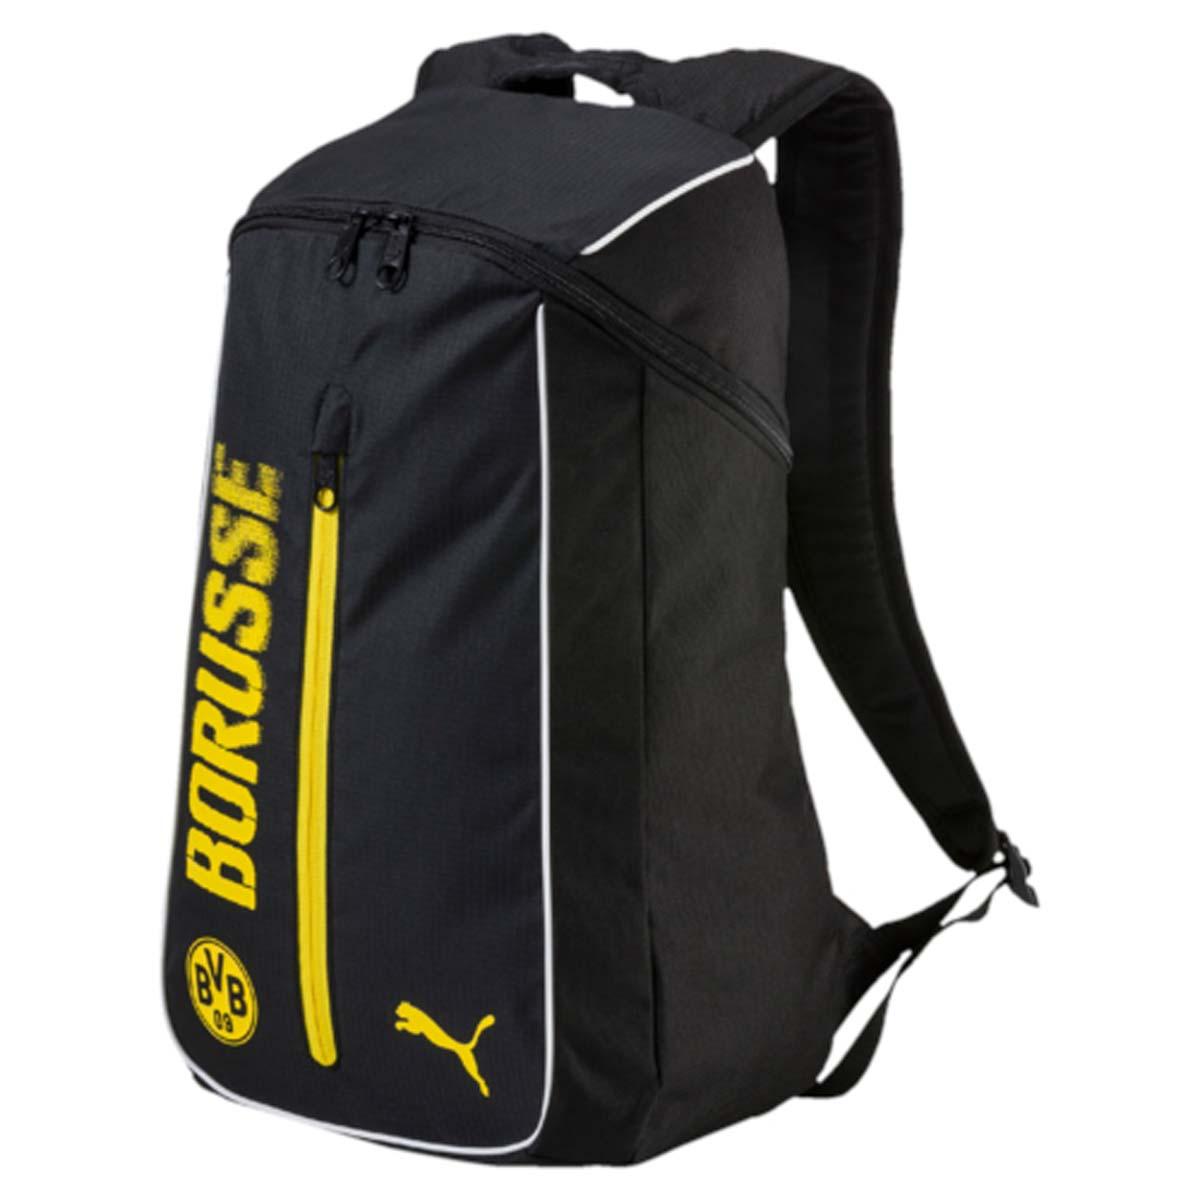 Рюкзак Puma Bvb Fanwear Backpack, цвет: черный. 07462201BA9334Рюкзак Puma выполнен из текстиля. У модели одно основное отделение. Передний карман на молнии. Рюкзак с регулируемыми по длине плечевыми лямками и петлей для подвешивания.